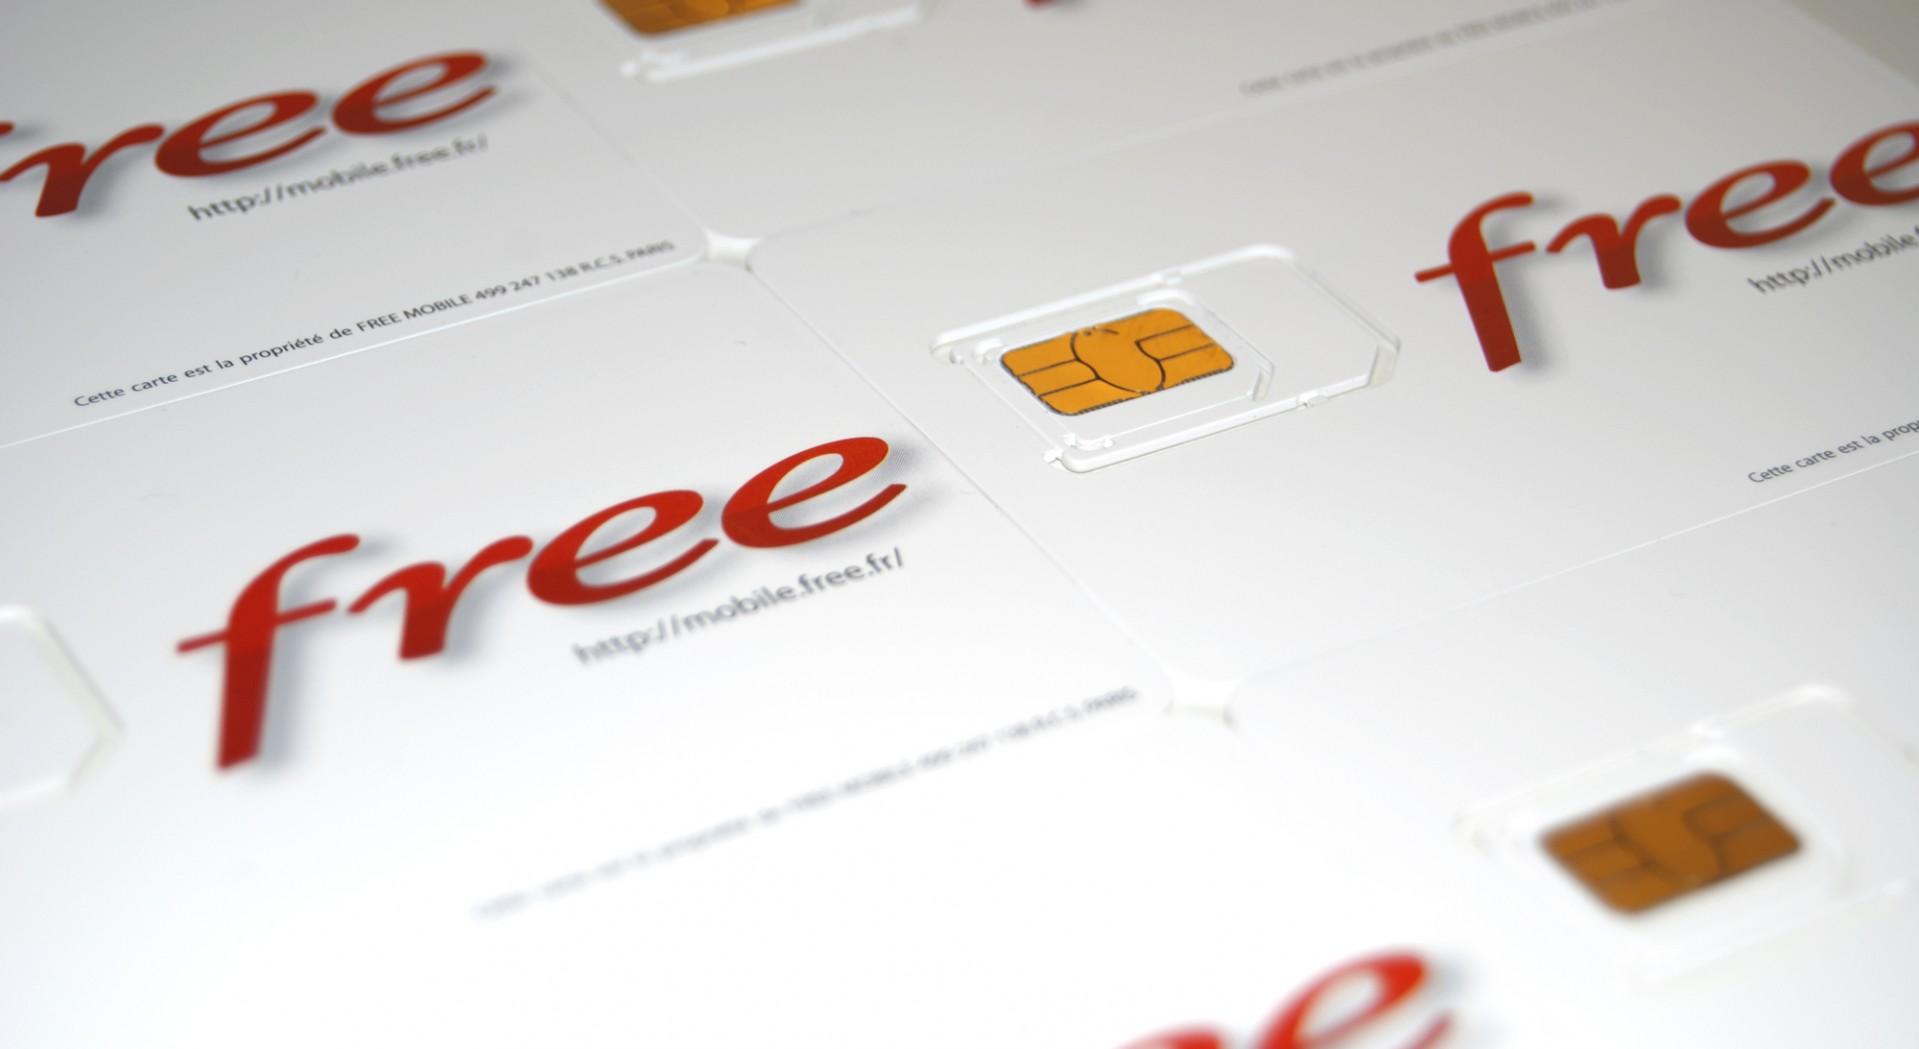 Free Mobile prolonge à nouveau la promotion de ses abonnés Vente Privée